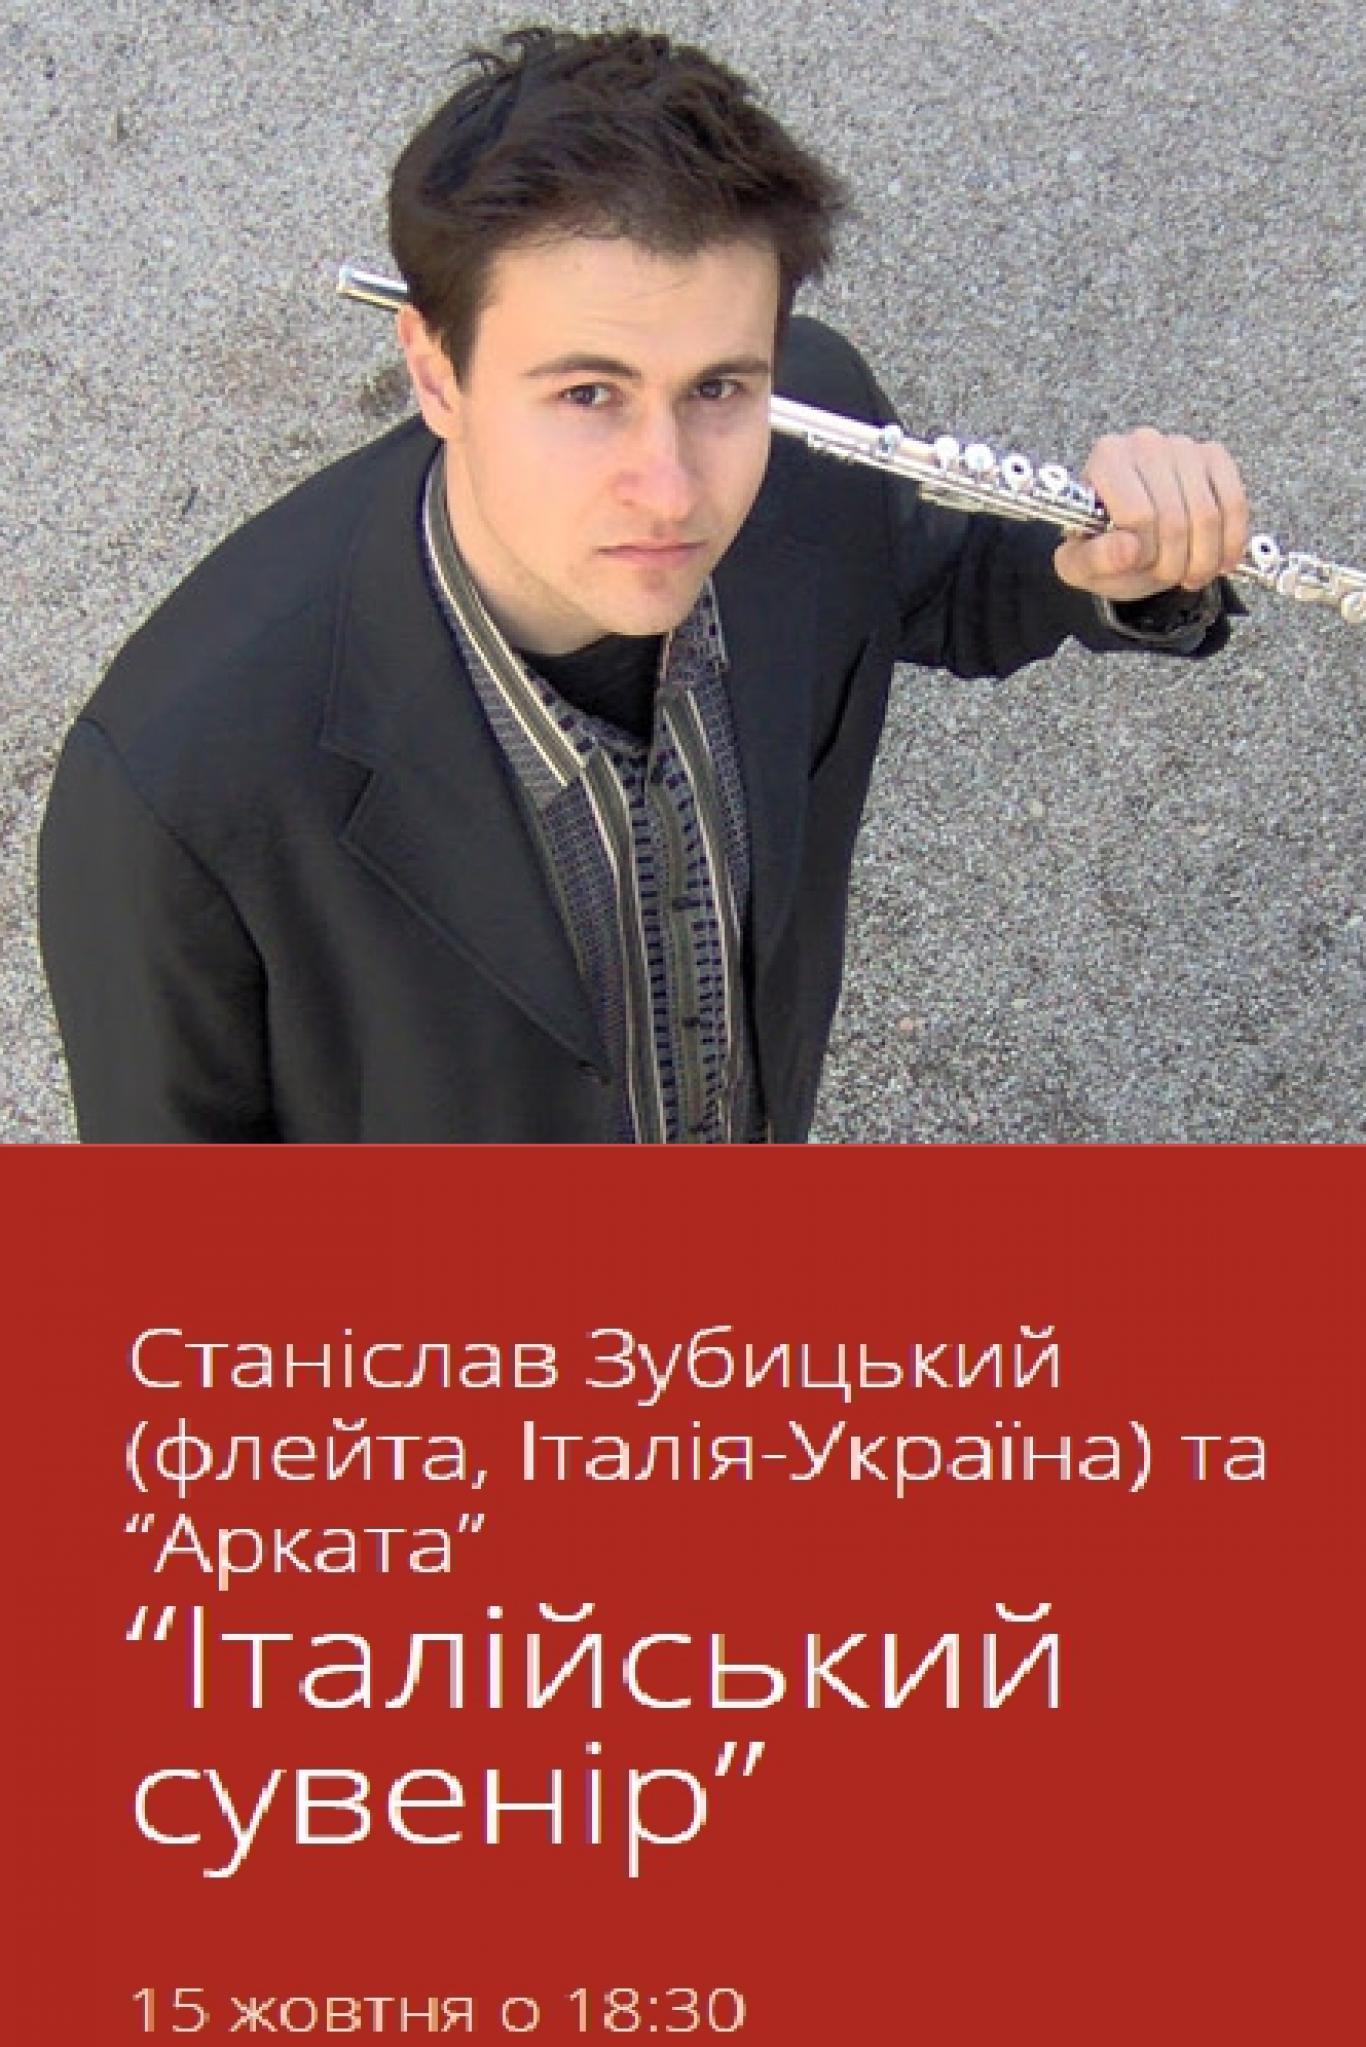 """Концерт """"Італійський сувенір"""" від Станіслава Зубицького"""